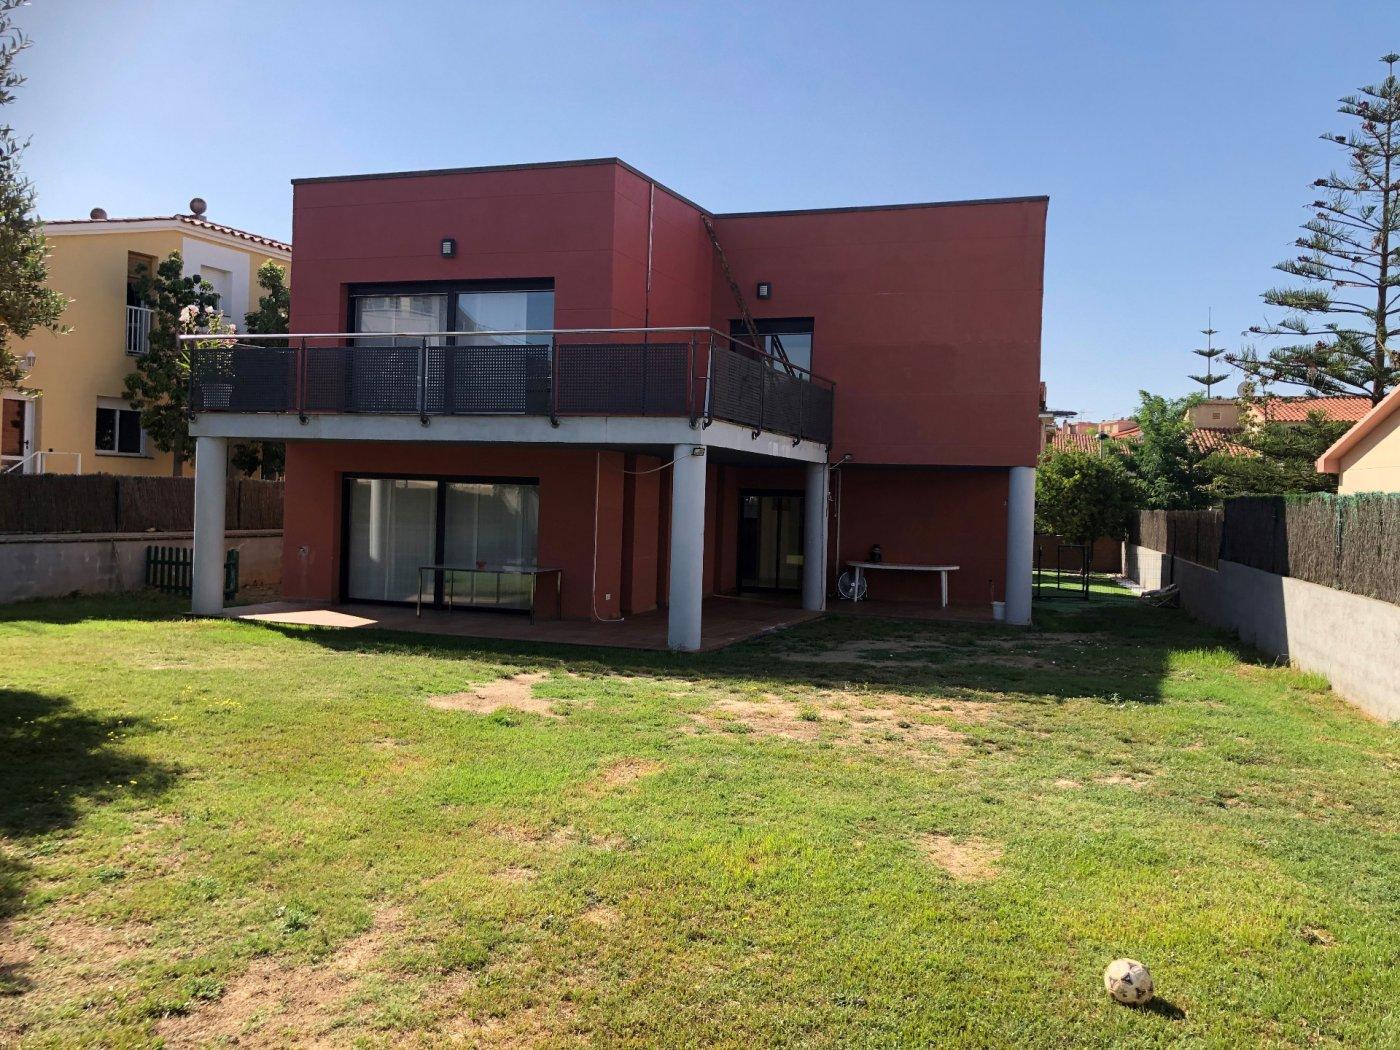 Alquiler Casa  L arboç ,santa lluçia. Casa independiente en alquiler en l'arboç.